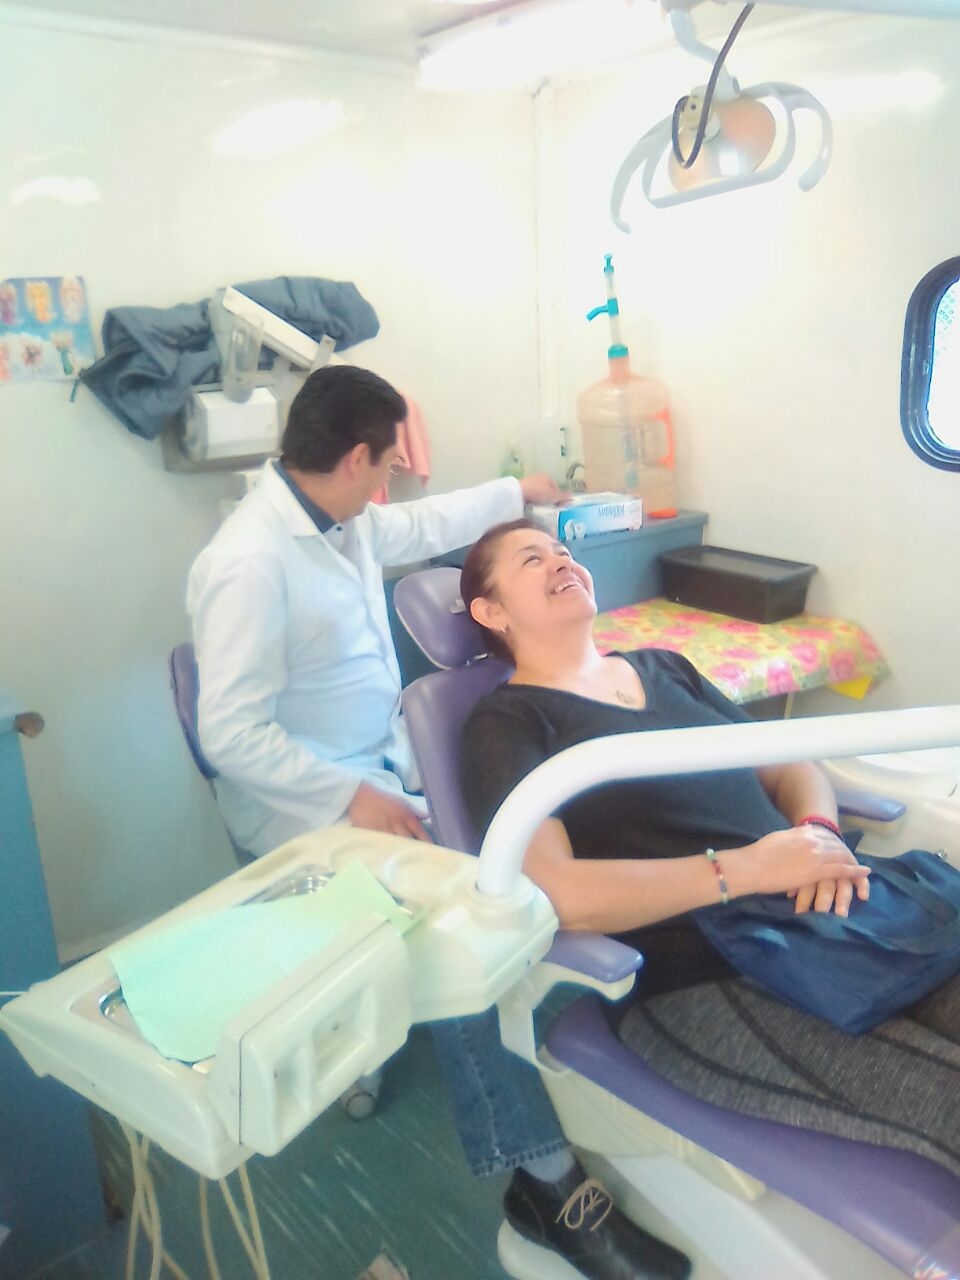 La atención dental a los adultos mayores es parte integral de los cuidados para ellos